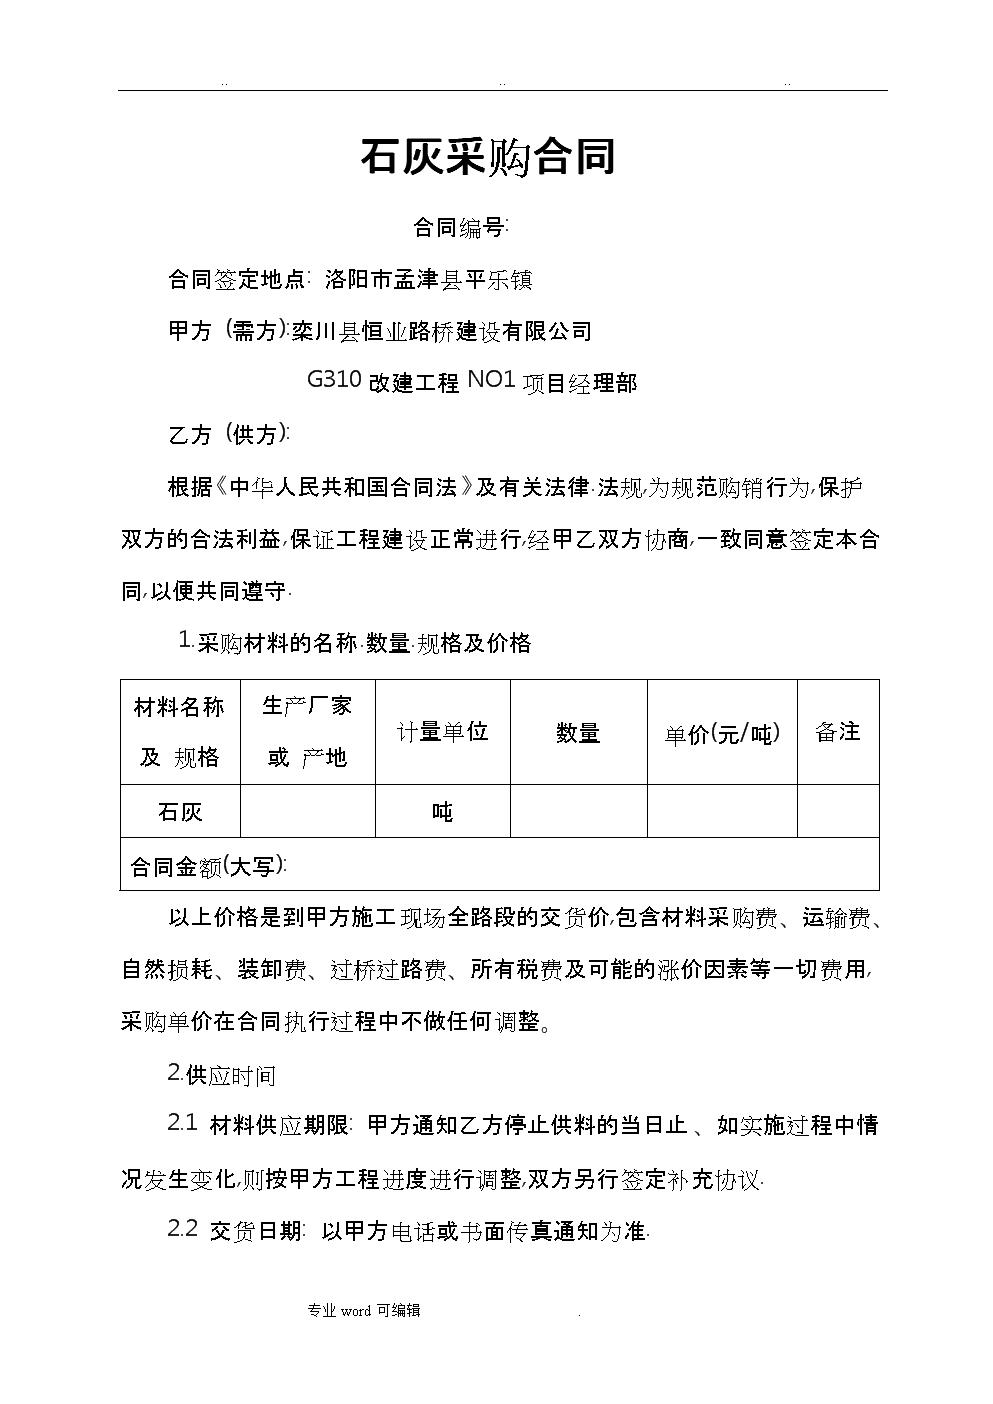 石灰采购合同范本.doc